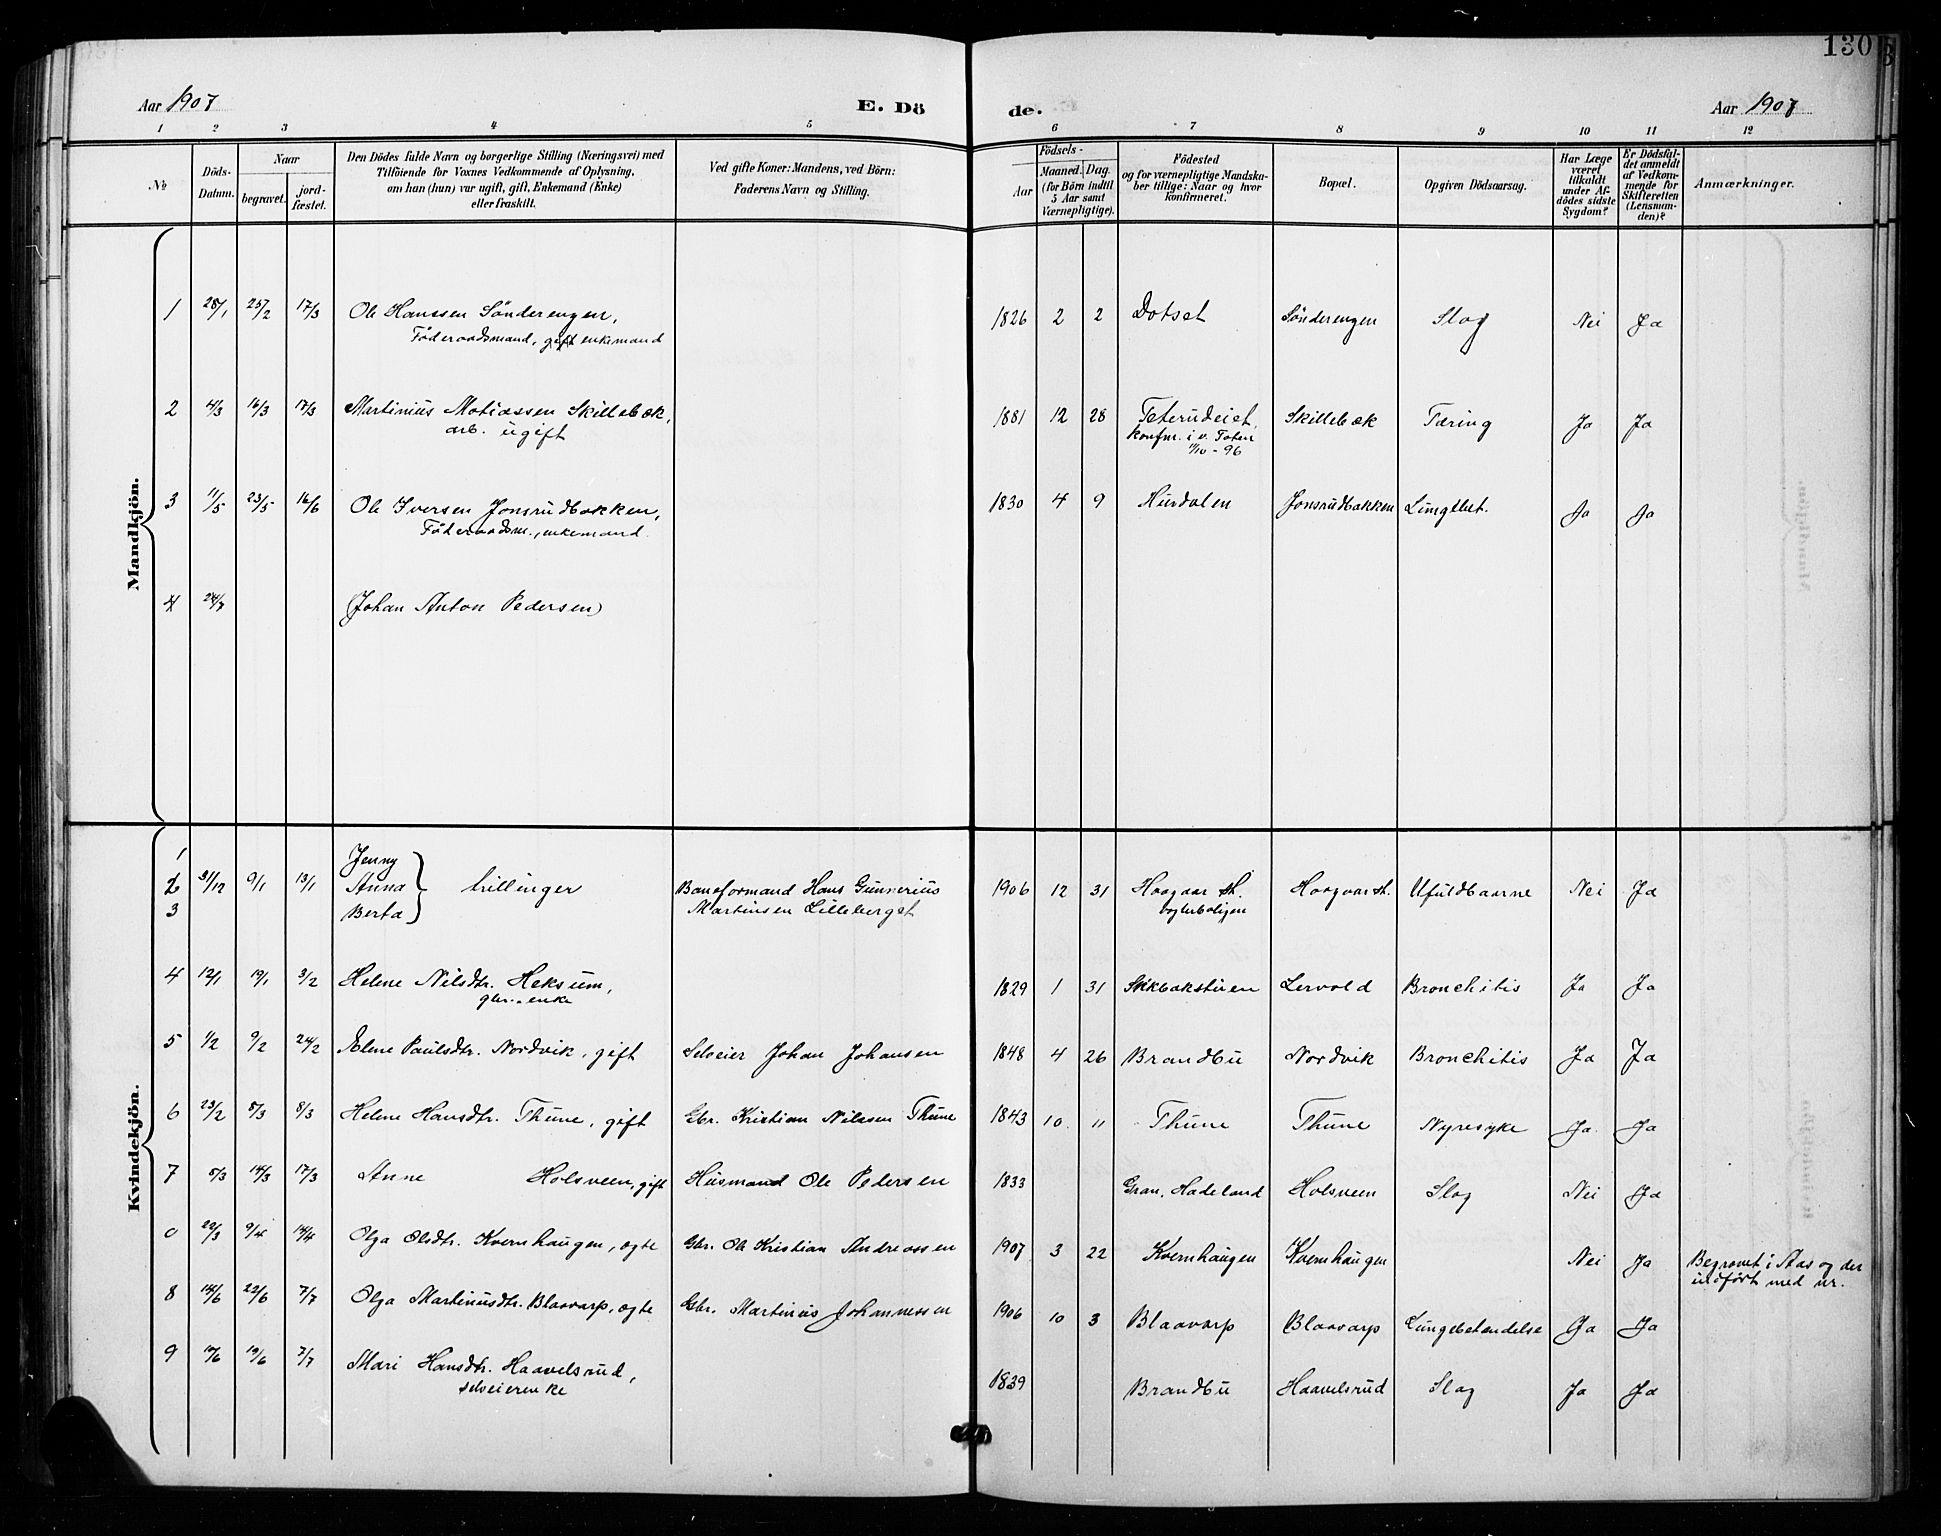 SAH, Vestre Toten prestekontor, Klokkerbok nr. 16, 1901-1915, s. 130